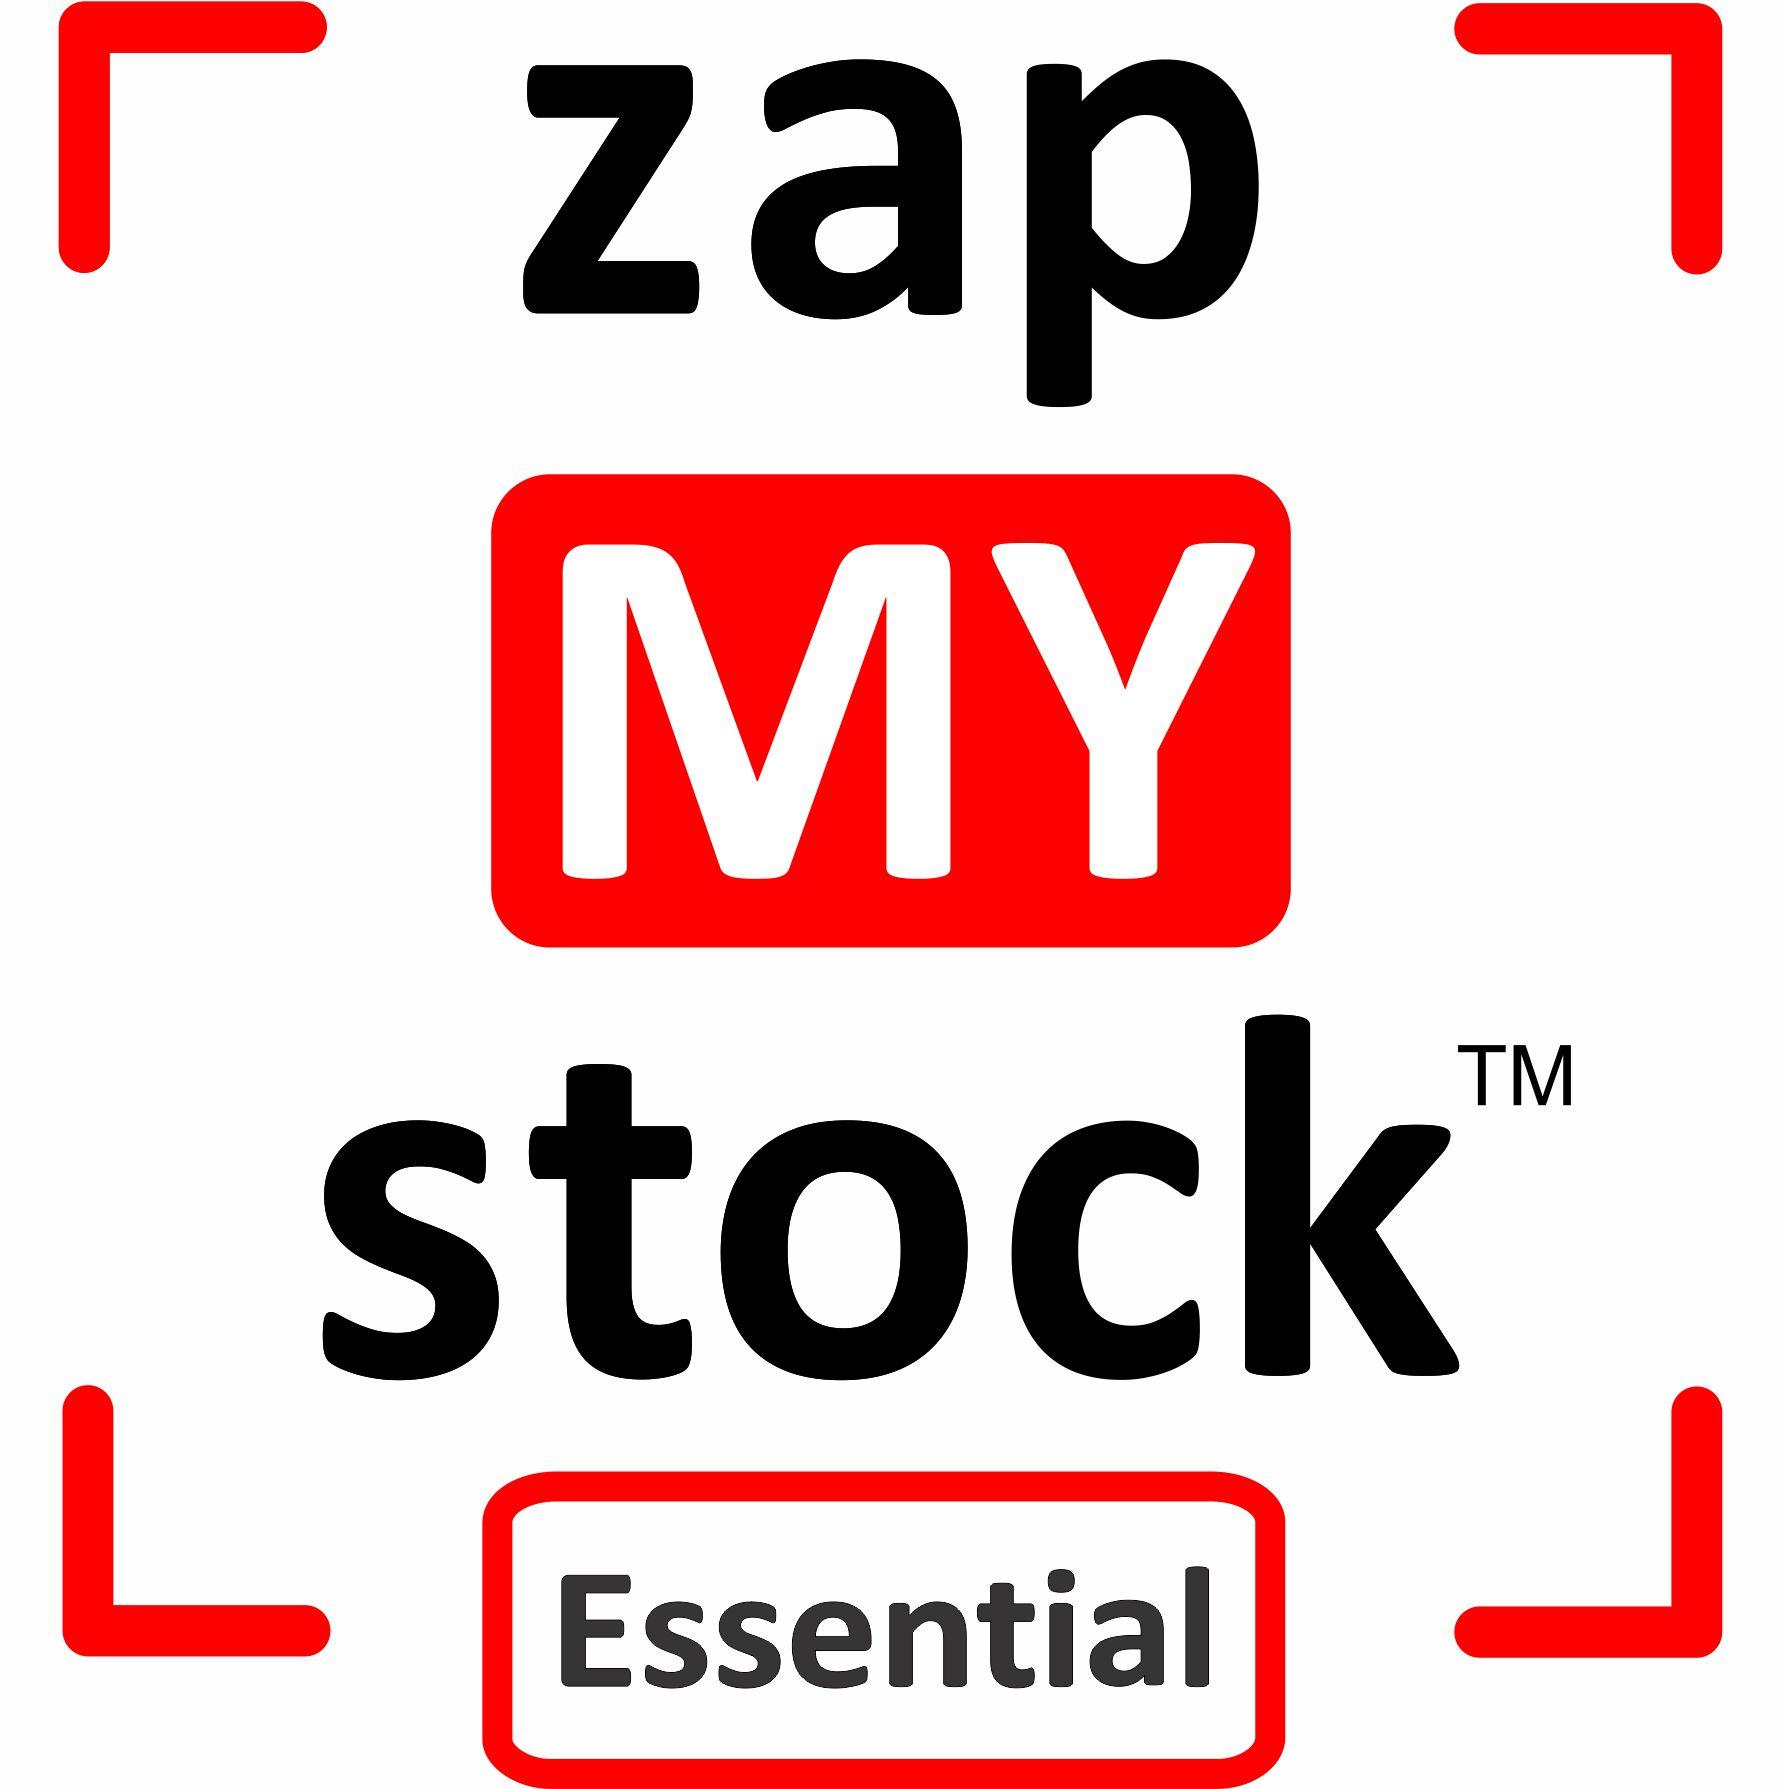 zapMYstock Essential